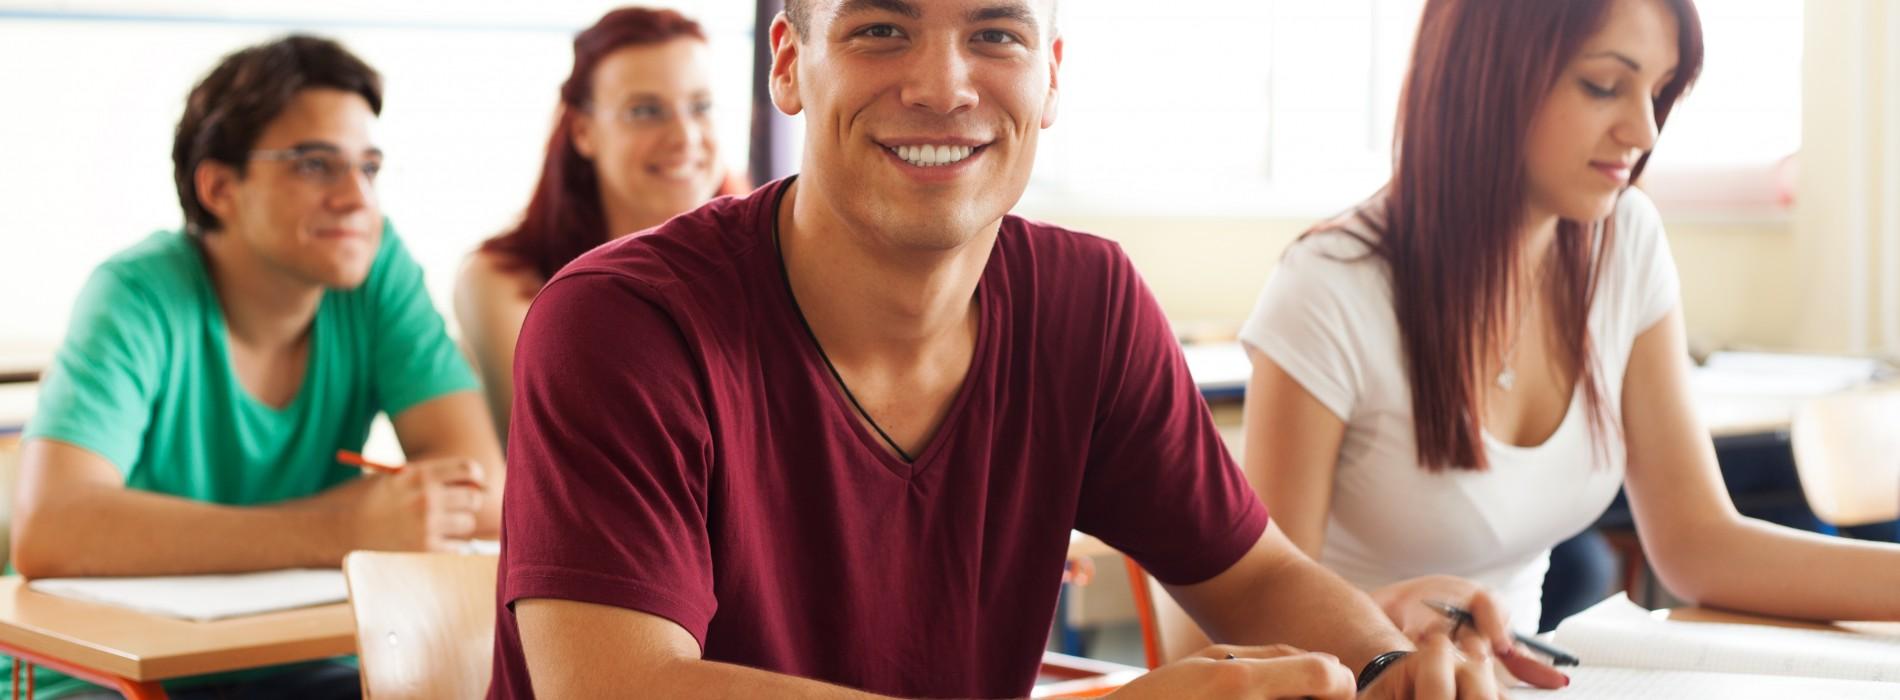 Ile kosztuje wykształcenie dziecka na amerykańskim uniwersytecie?